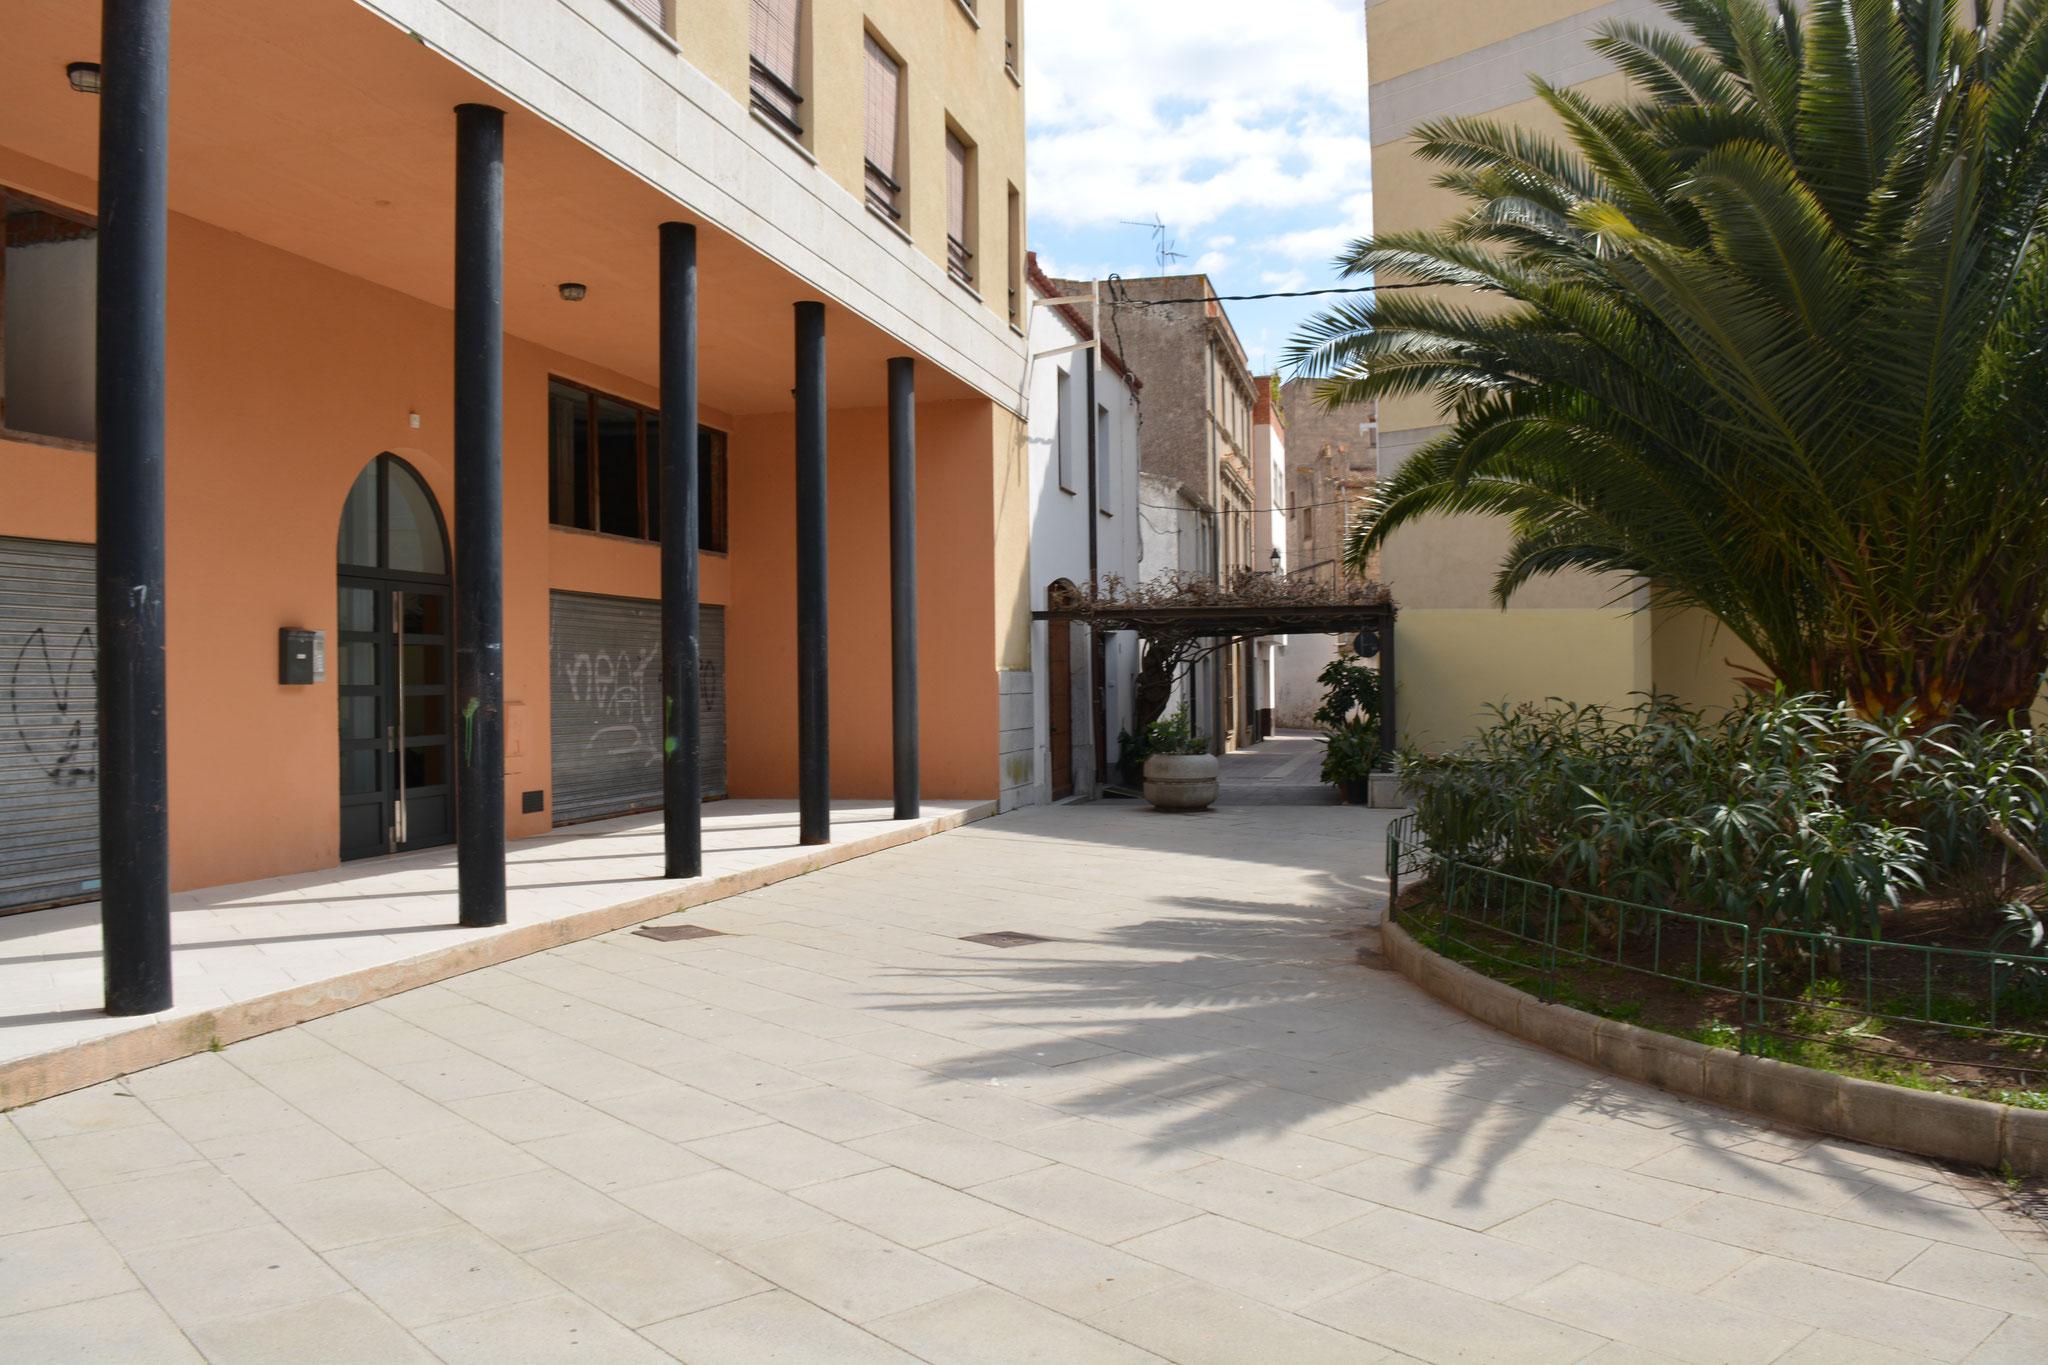 Plaza donde está el apartamento